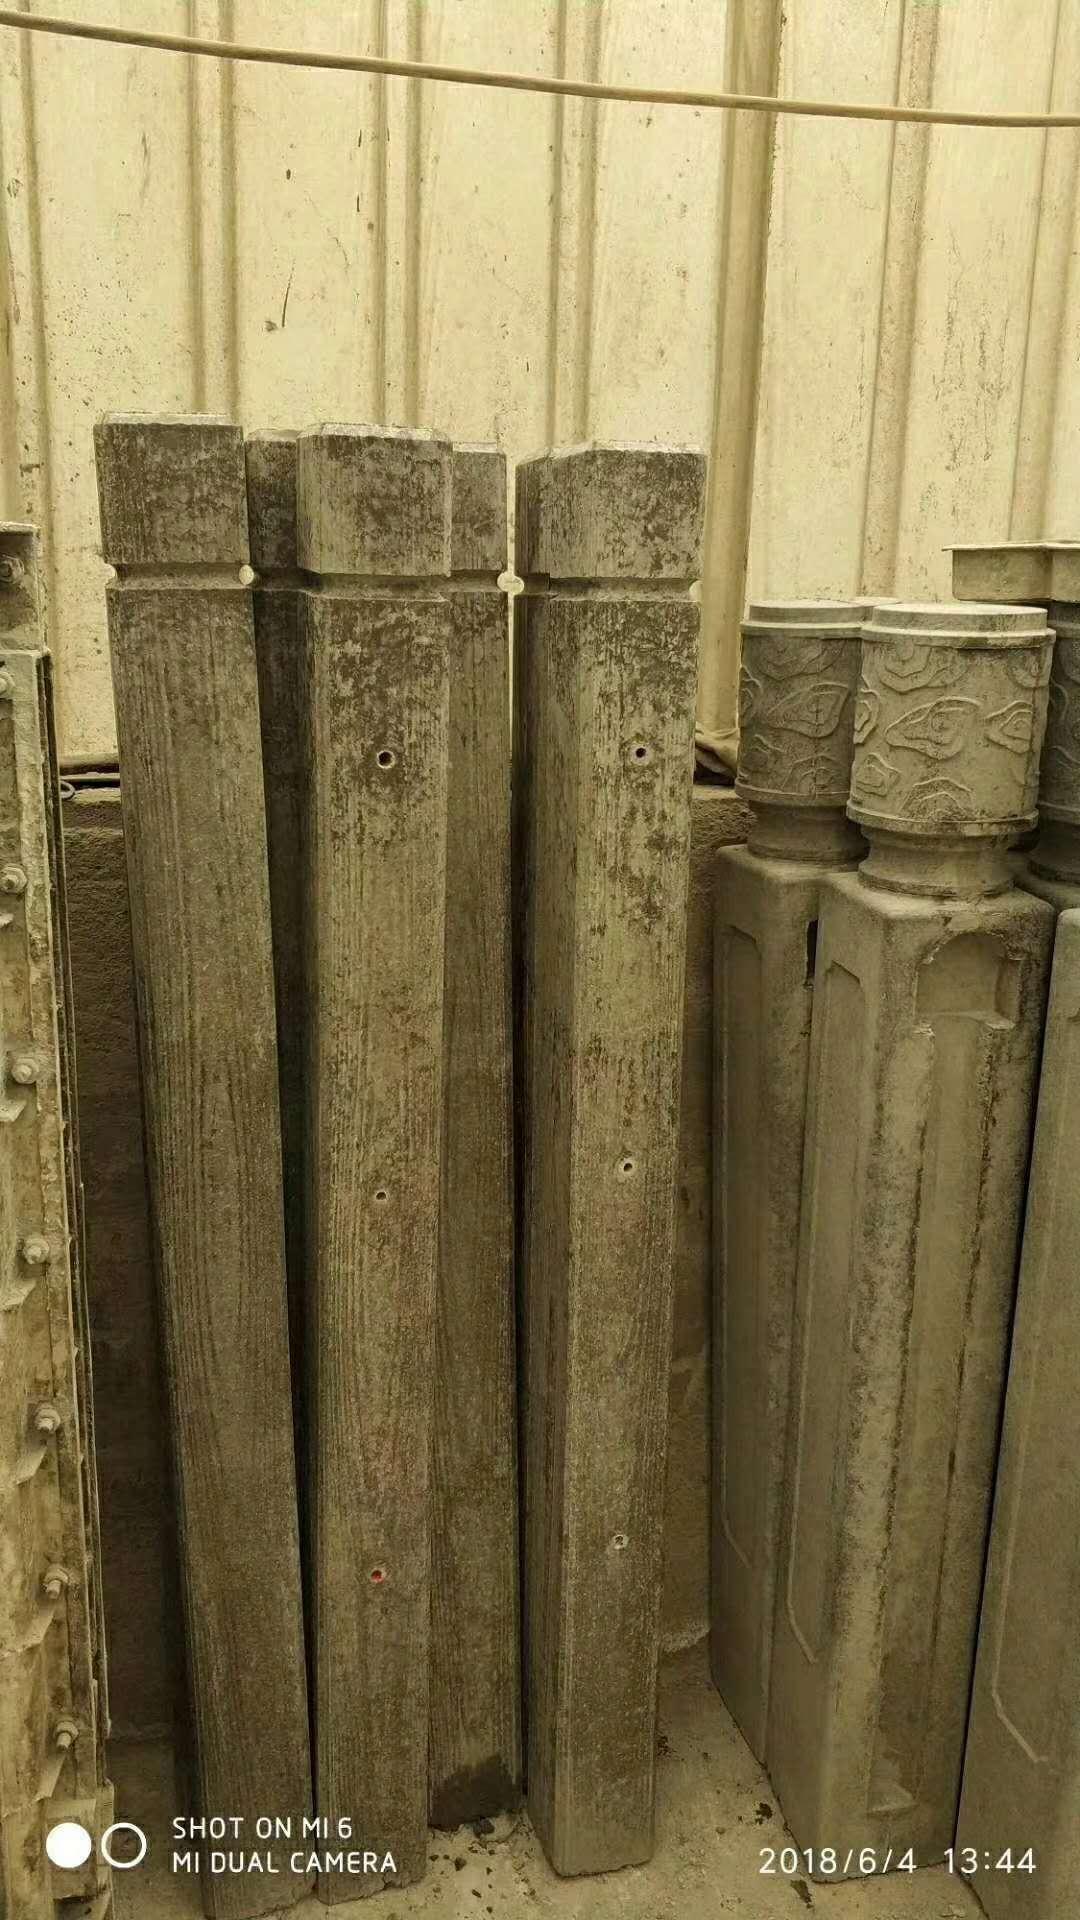 晟泰仿木立柱12*12公分产品 内蒙晟仿木立柱12*12公分产品 仿木护栏批发